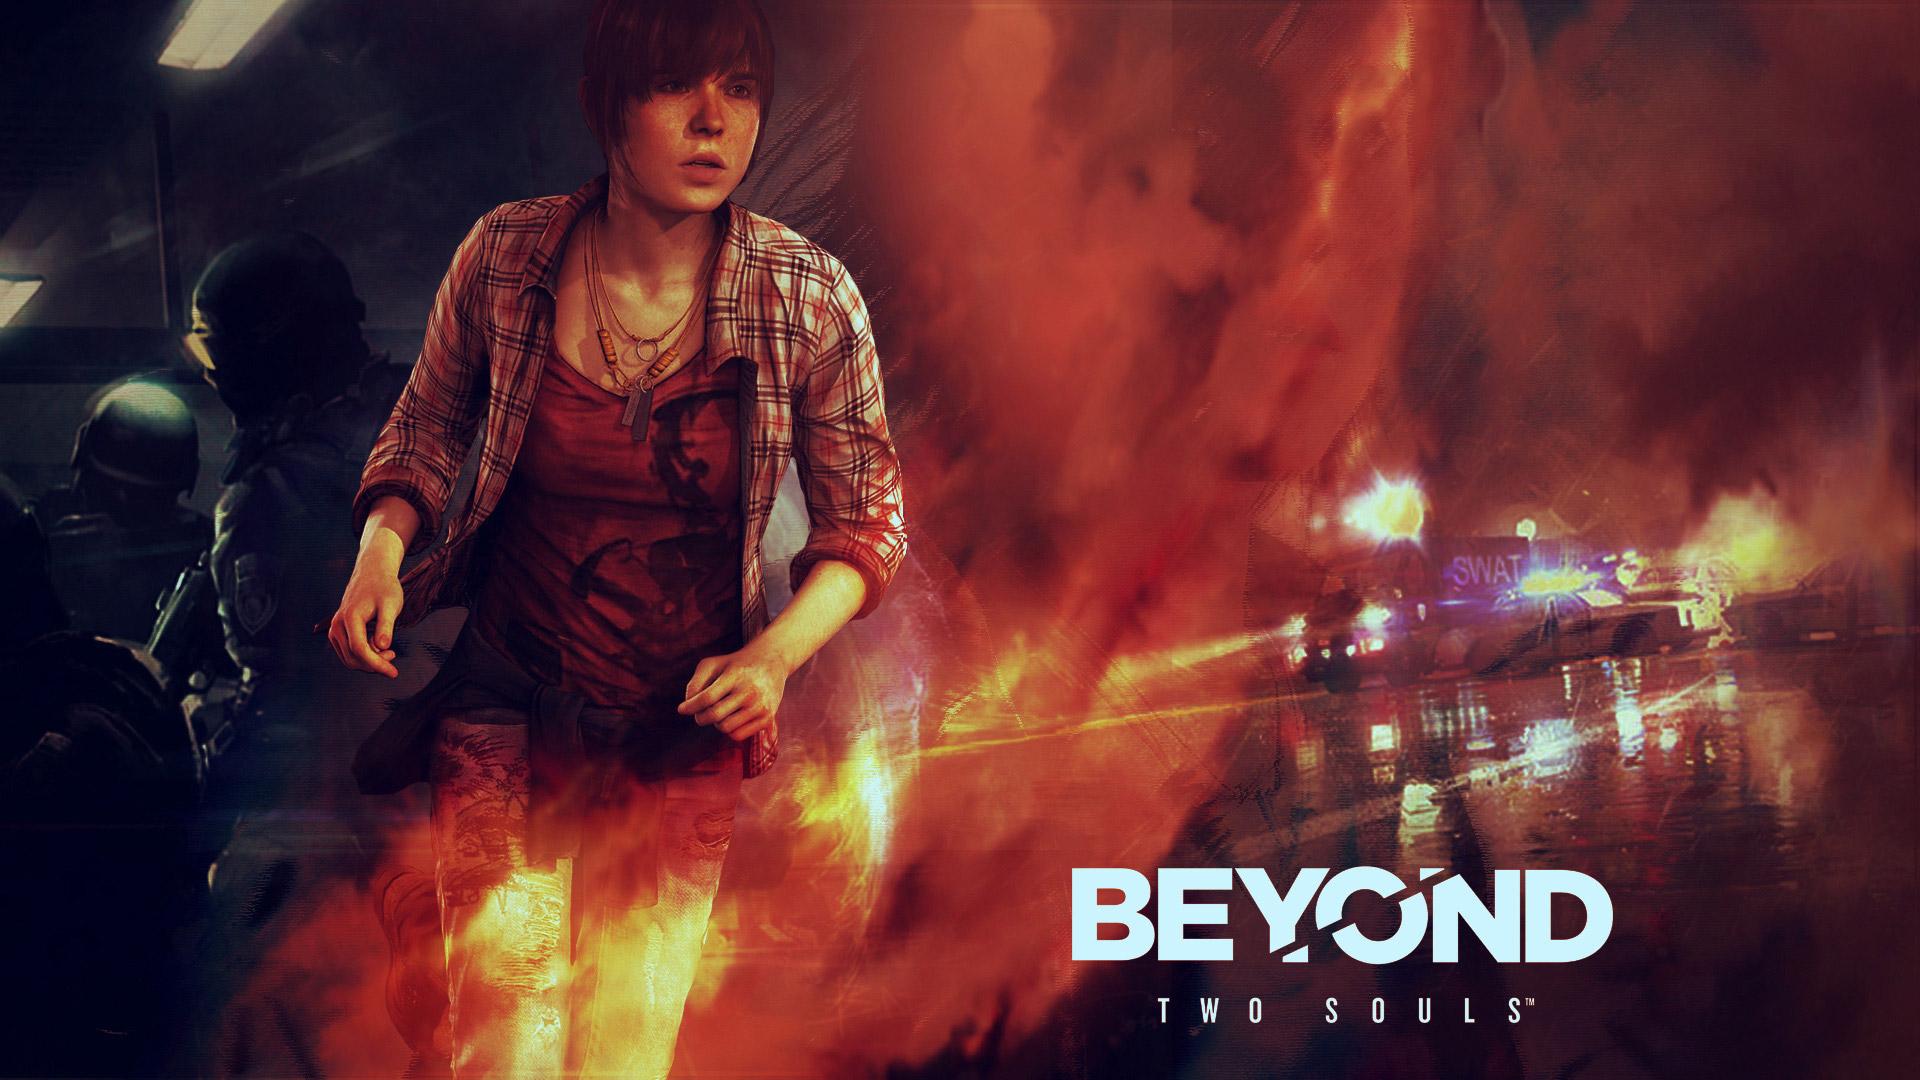 Beyond Two Souls wallpaper 2